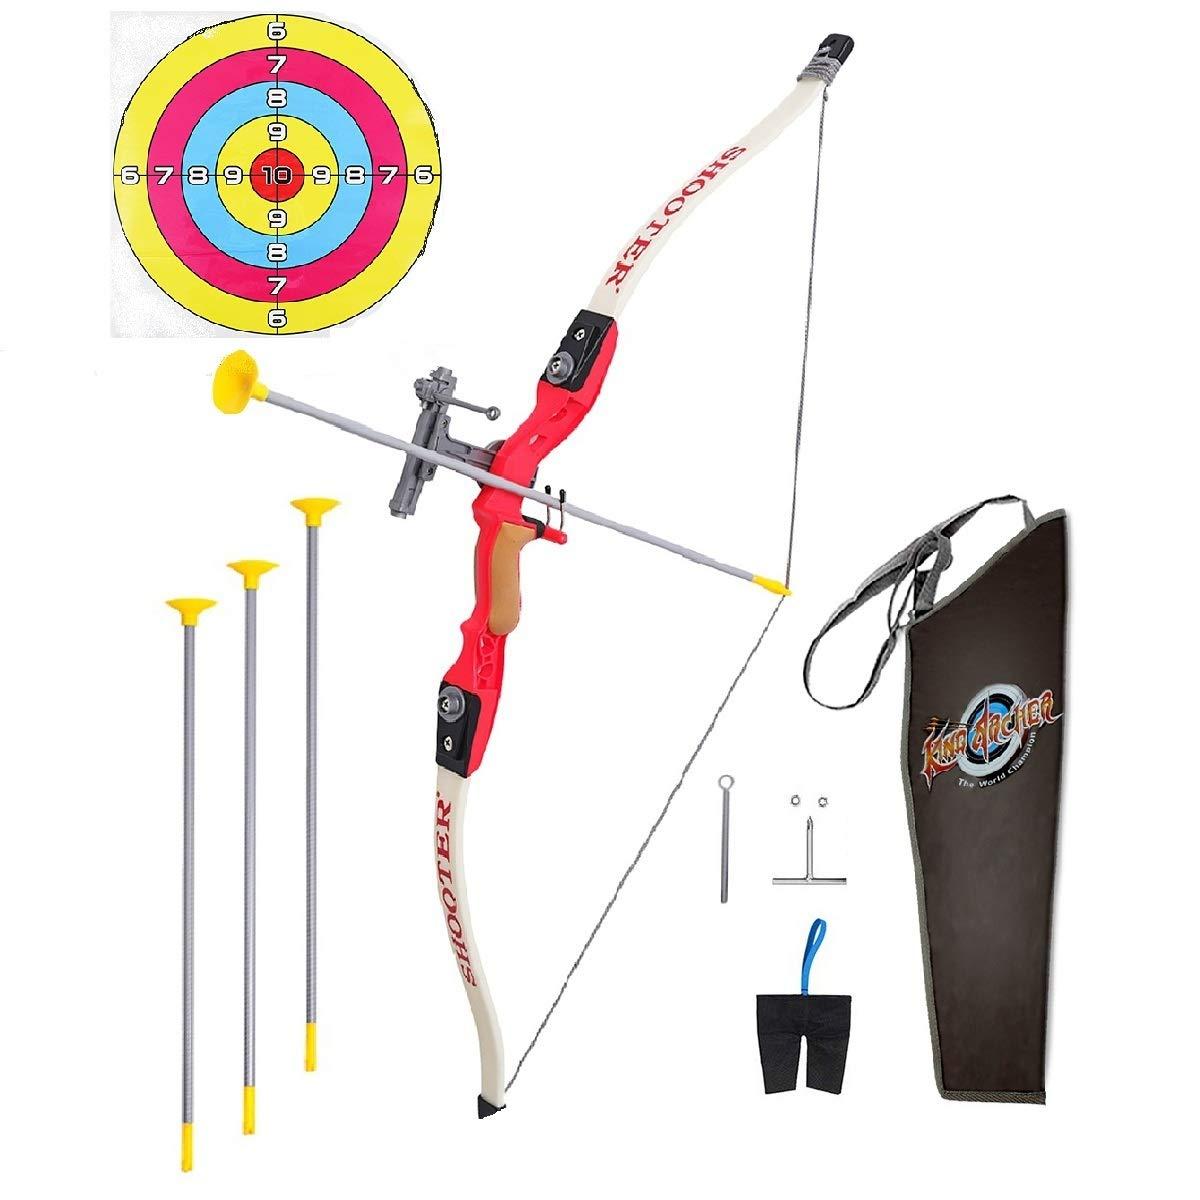 Pickwoo Kinder Bogen und Pfeil Spielzeugset und Zielscheibe 1 / 1.8 Bogenschießen Sportspiele Schießübung Rennen